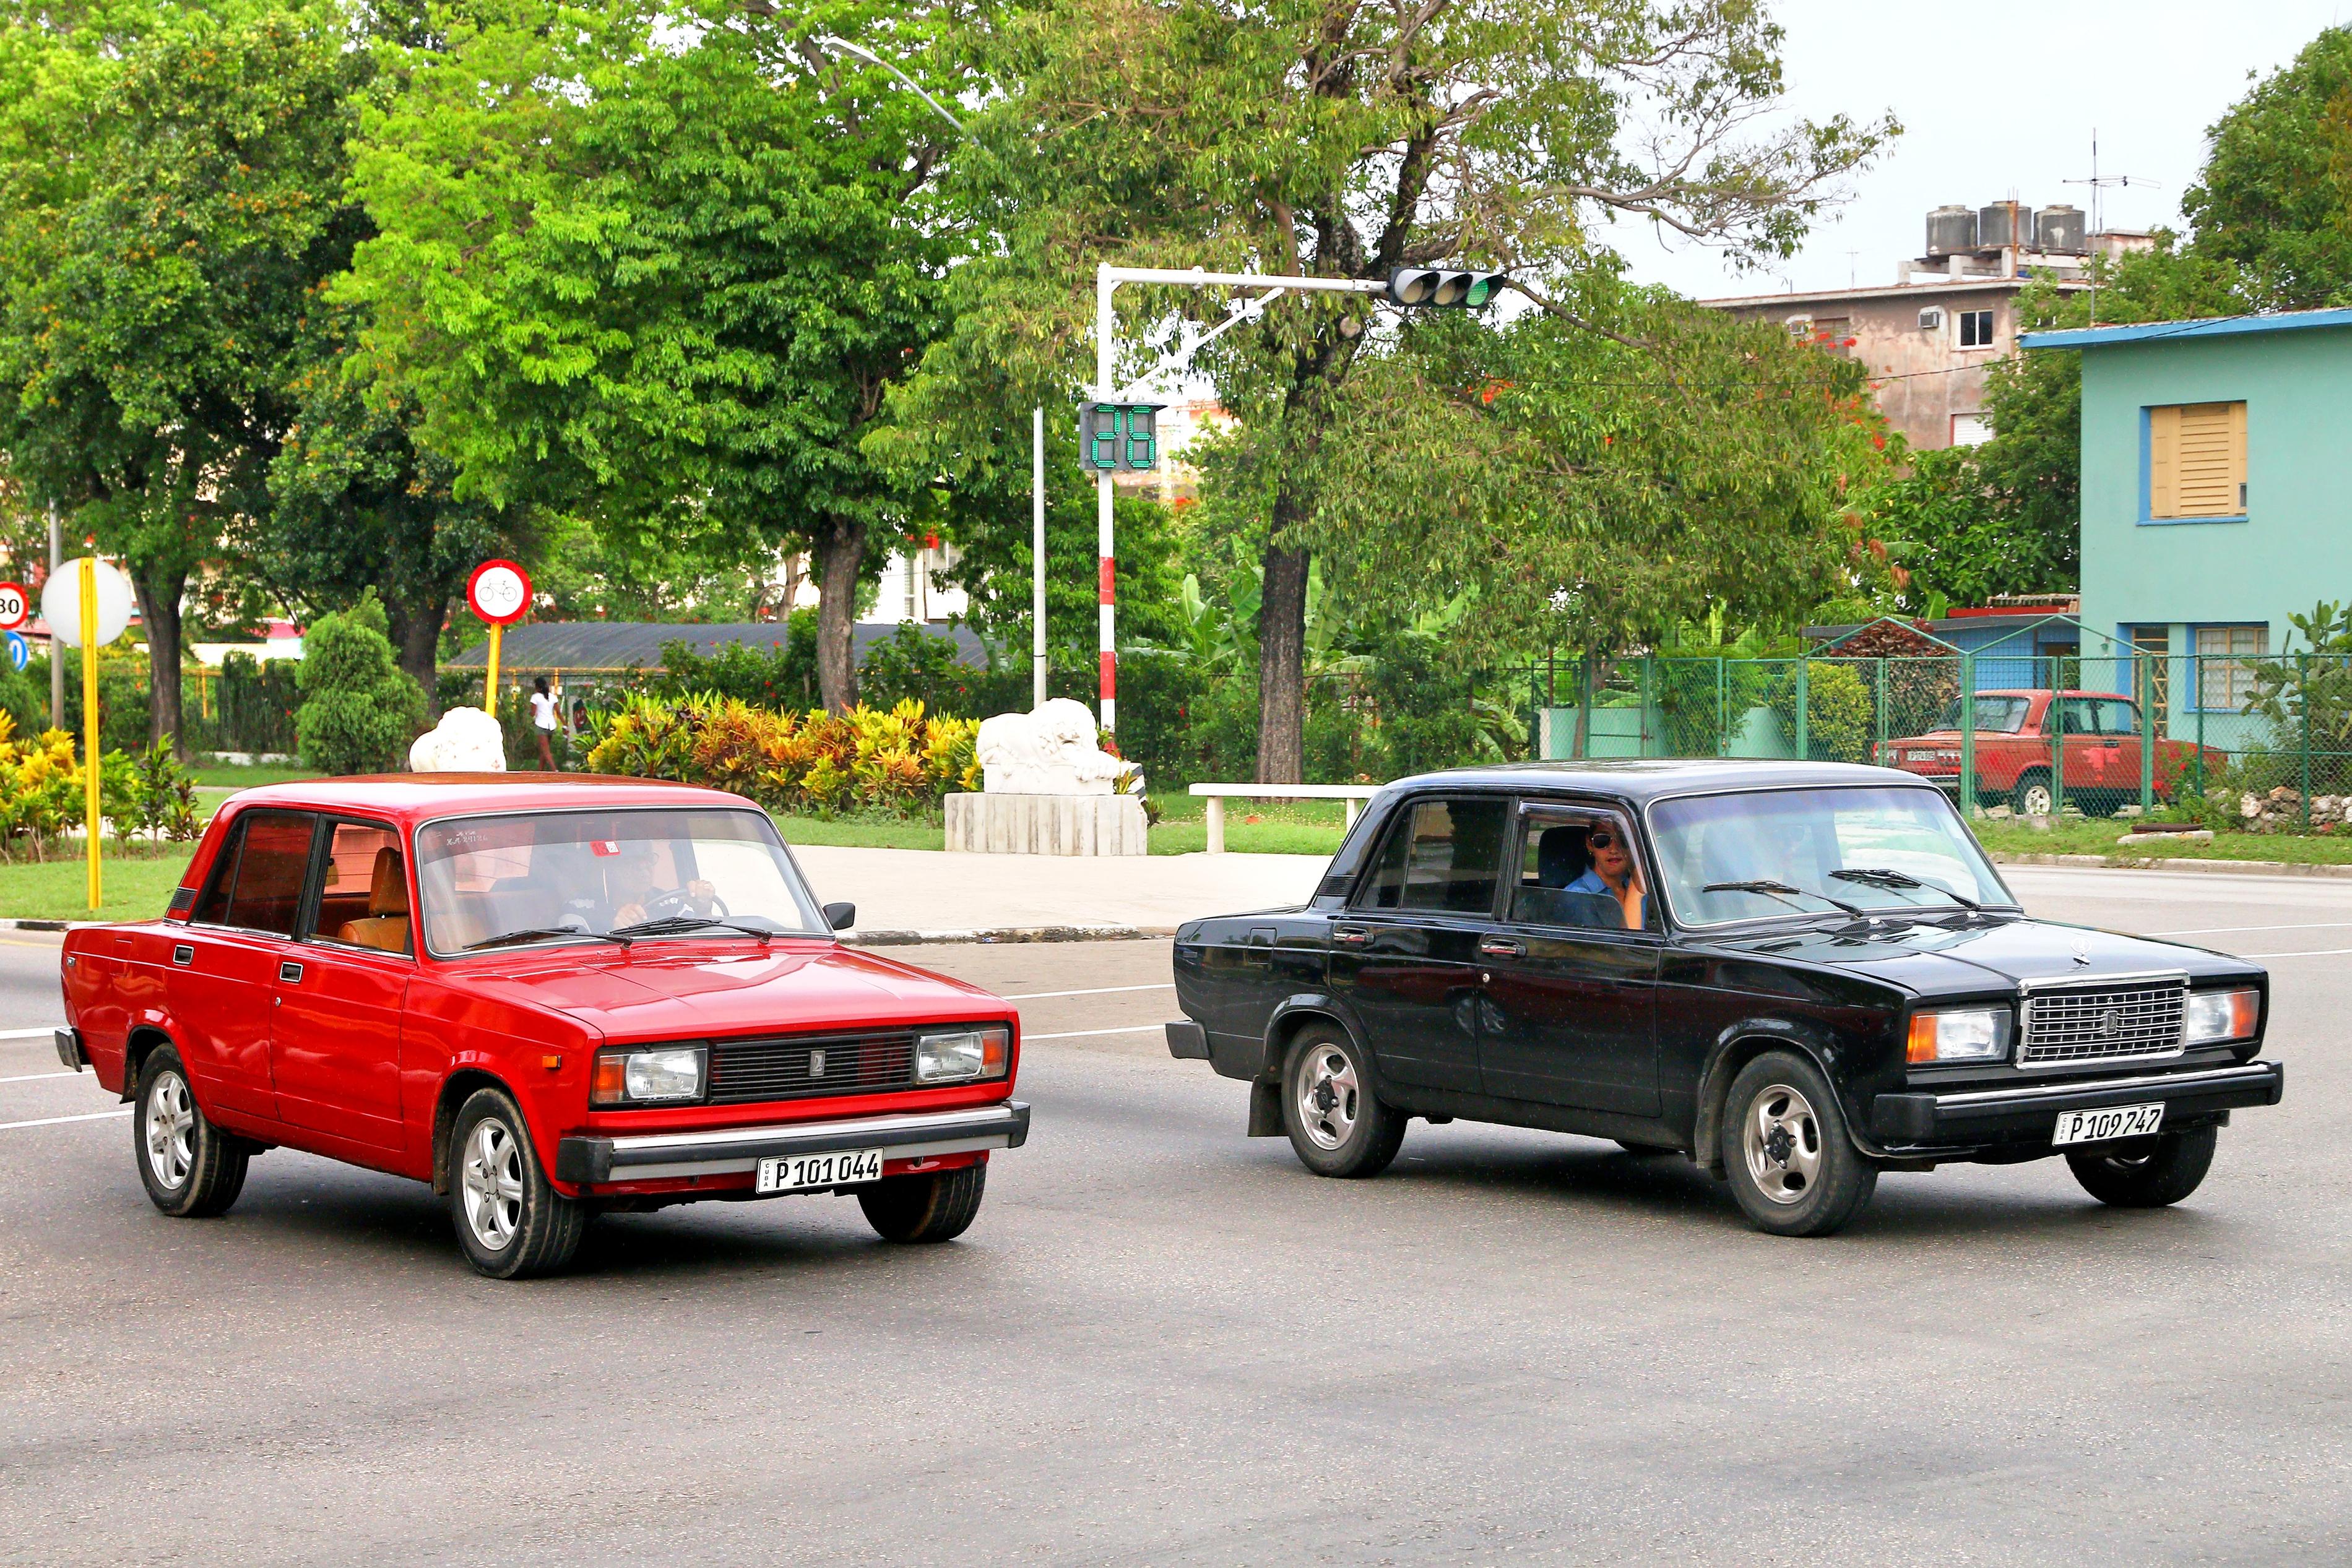 Mașina sovietică Lada, la loc de cinste în Cuba. Cât costă acum un model fabricat în anii '80